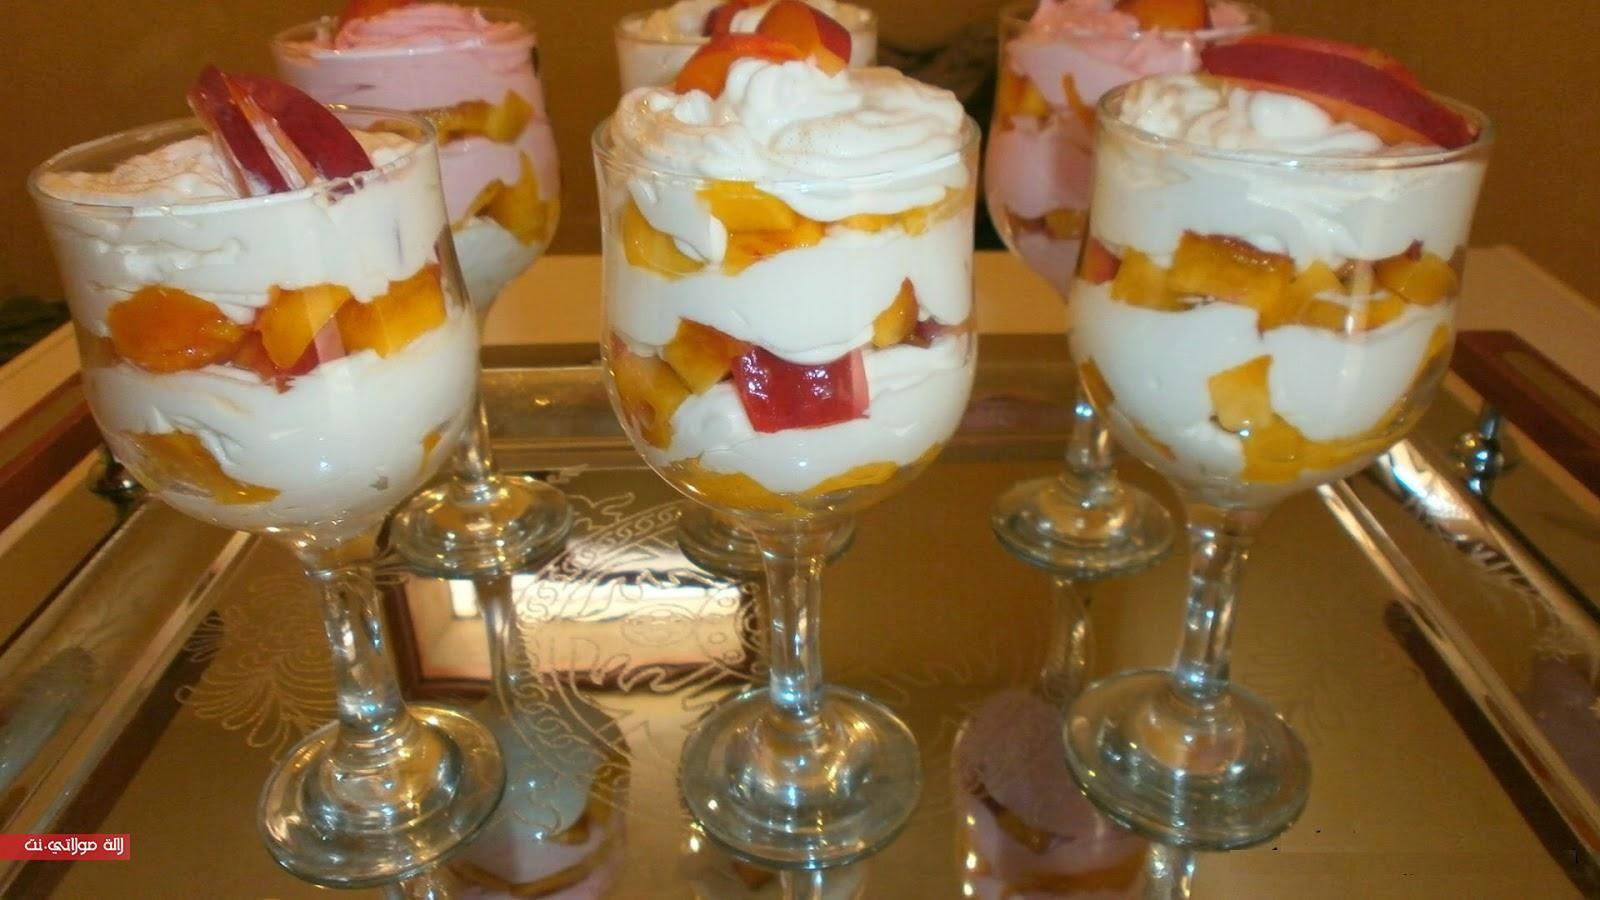 طريقة تحضير ديسير بارد بالياغورت والفواكه رائع واقتصادي المقادير نصف كيلو فاكهة الشهدية نصف كيلو فاكهة الخوخ كريم شانتيه ياغورت ف Food Desserts Pudding